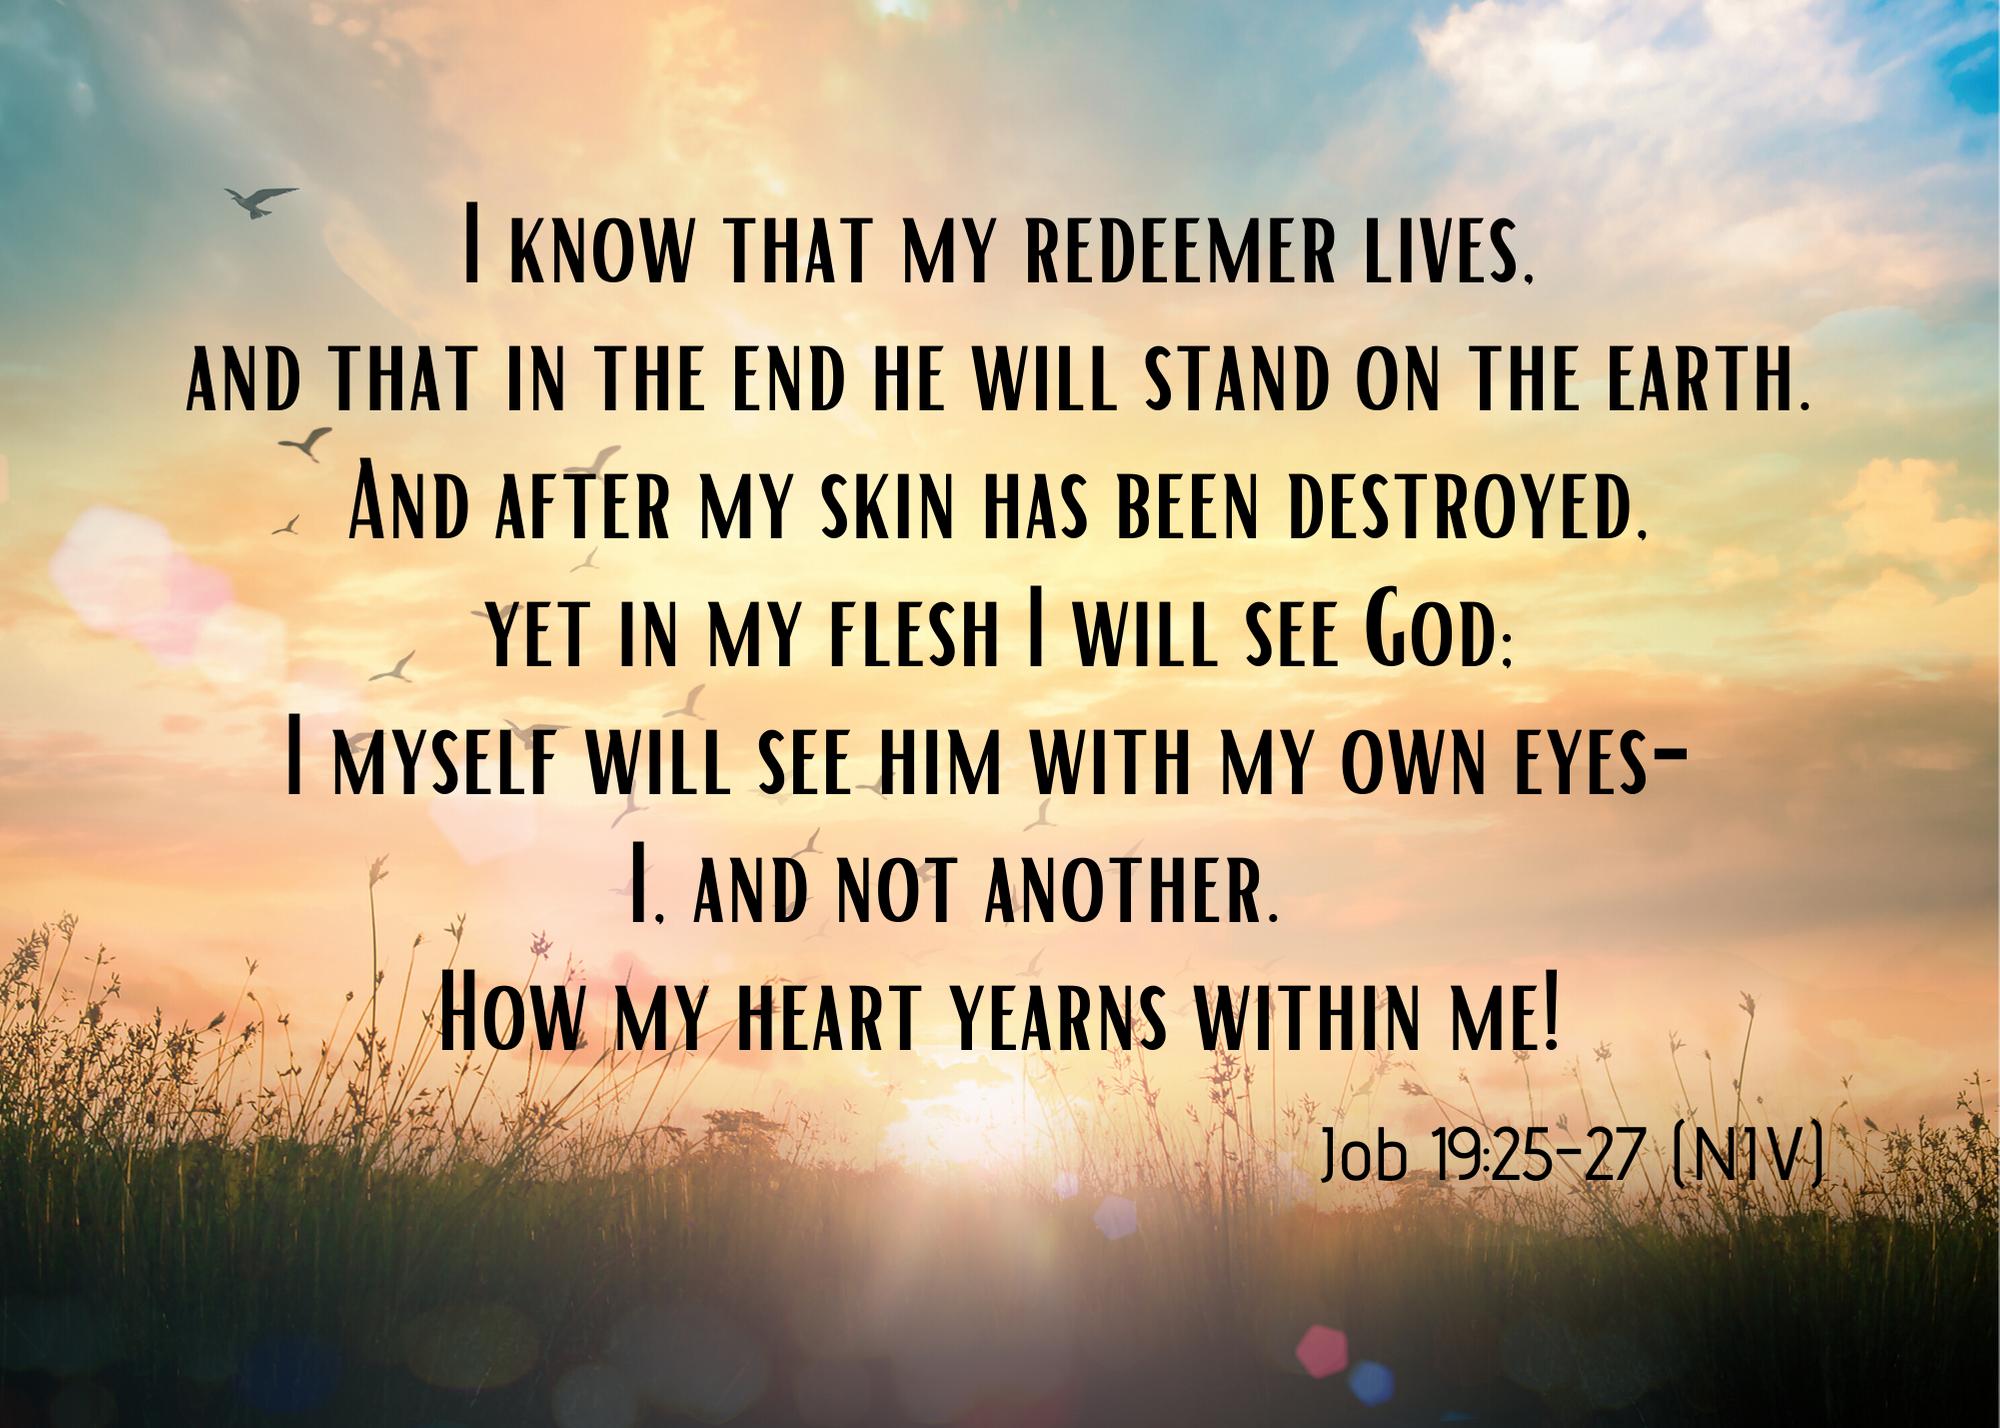 Job 19 25 27 NIV (1)